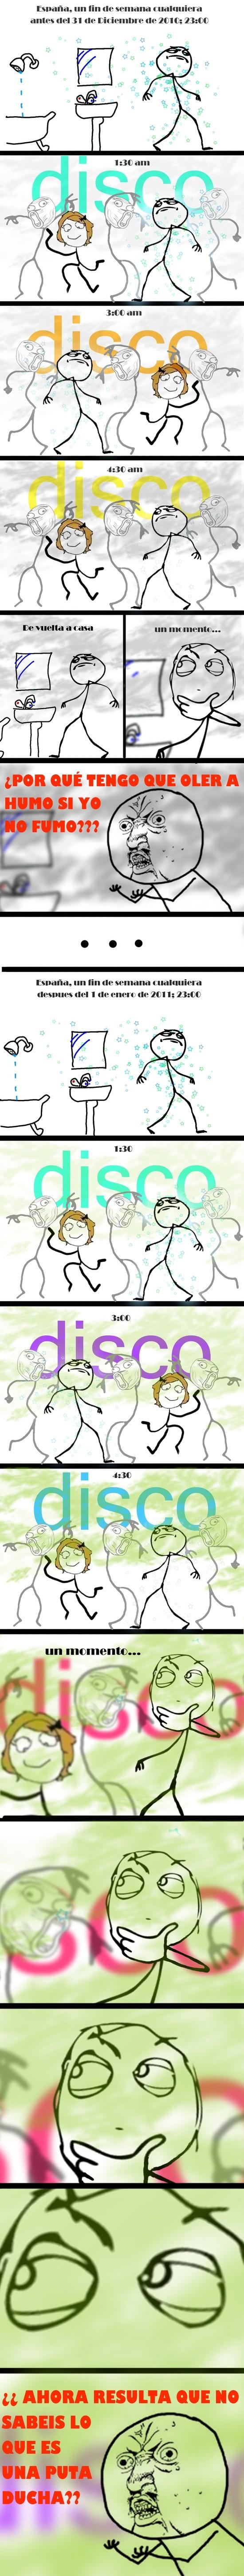 Y_u_no - Olor a discoteca